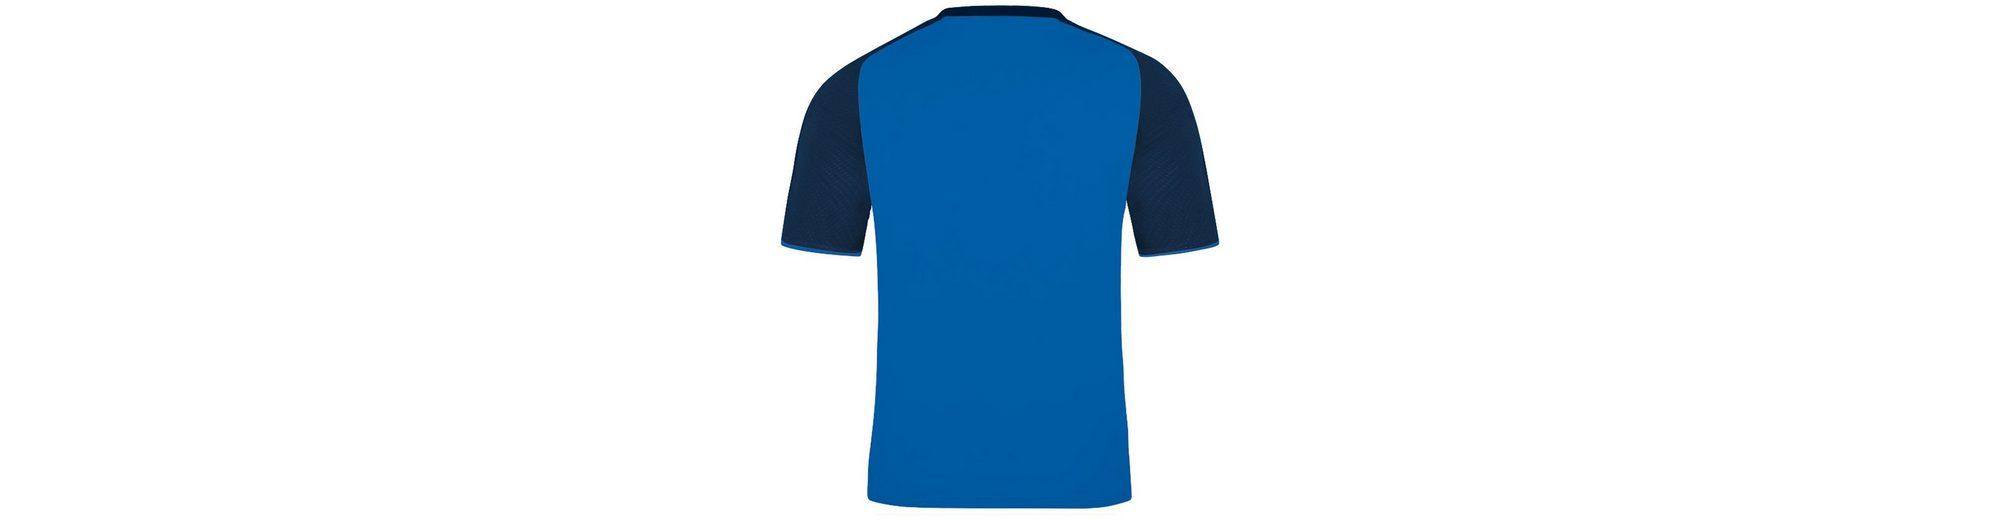 JAKO Champ T-Shirt Herren Online Einkaufen Freies Verschiffen Große Auswahl An Verkauf Erstaunlicher Preis ocCKxuZShE